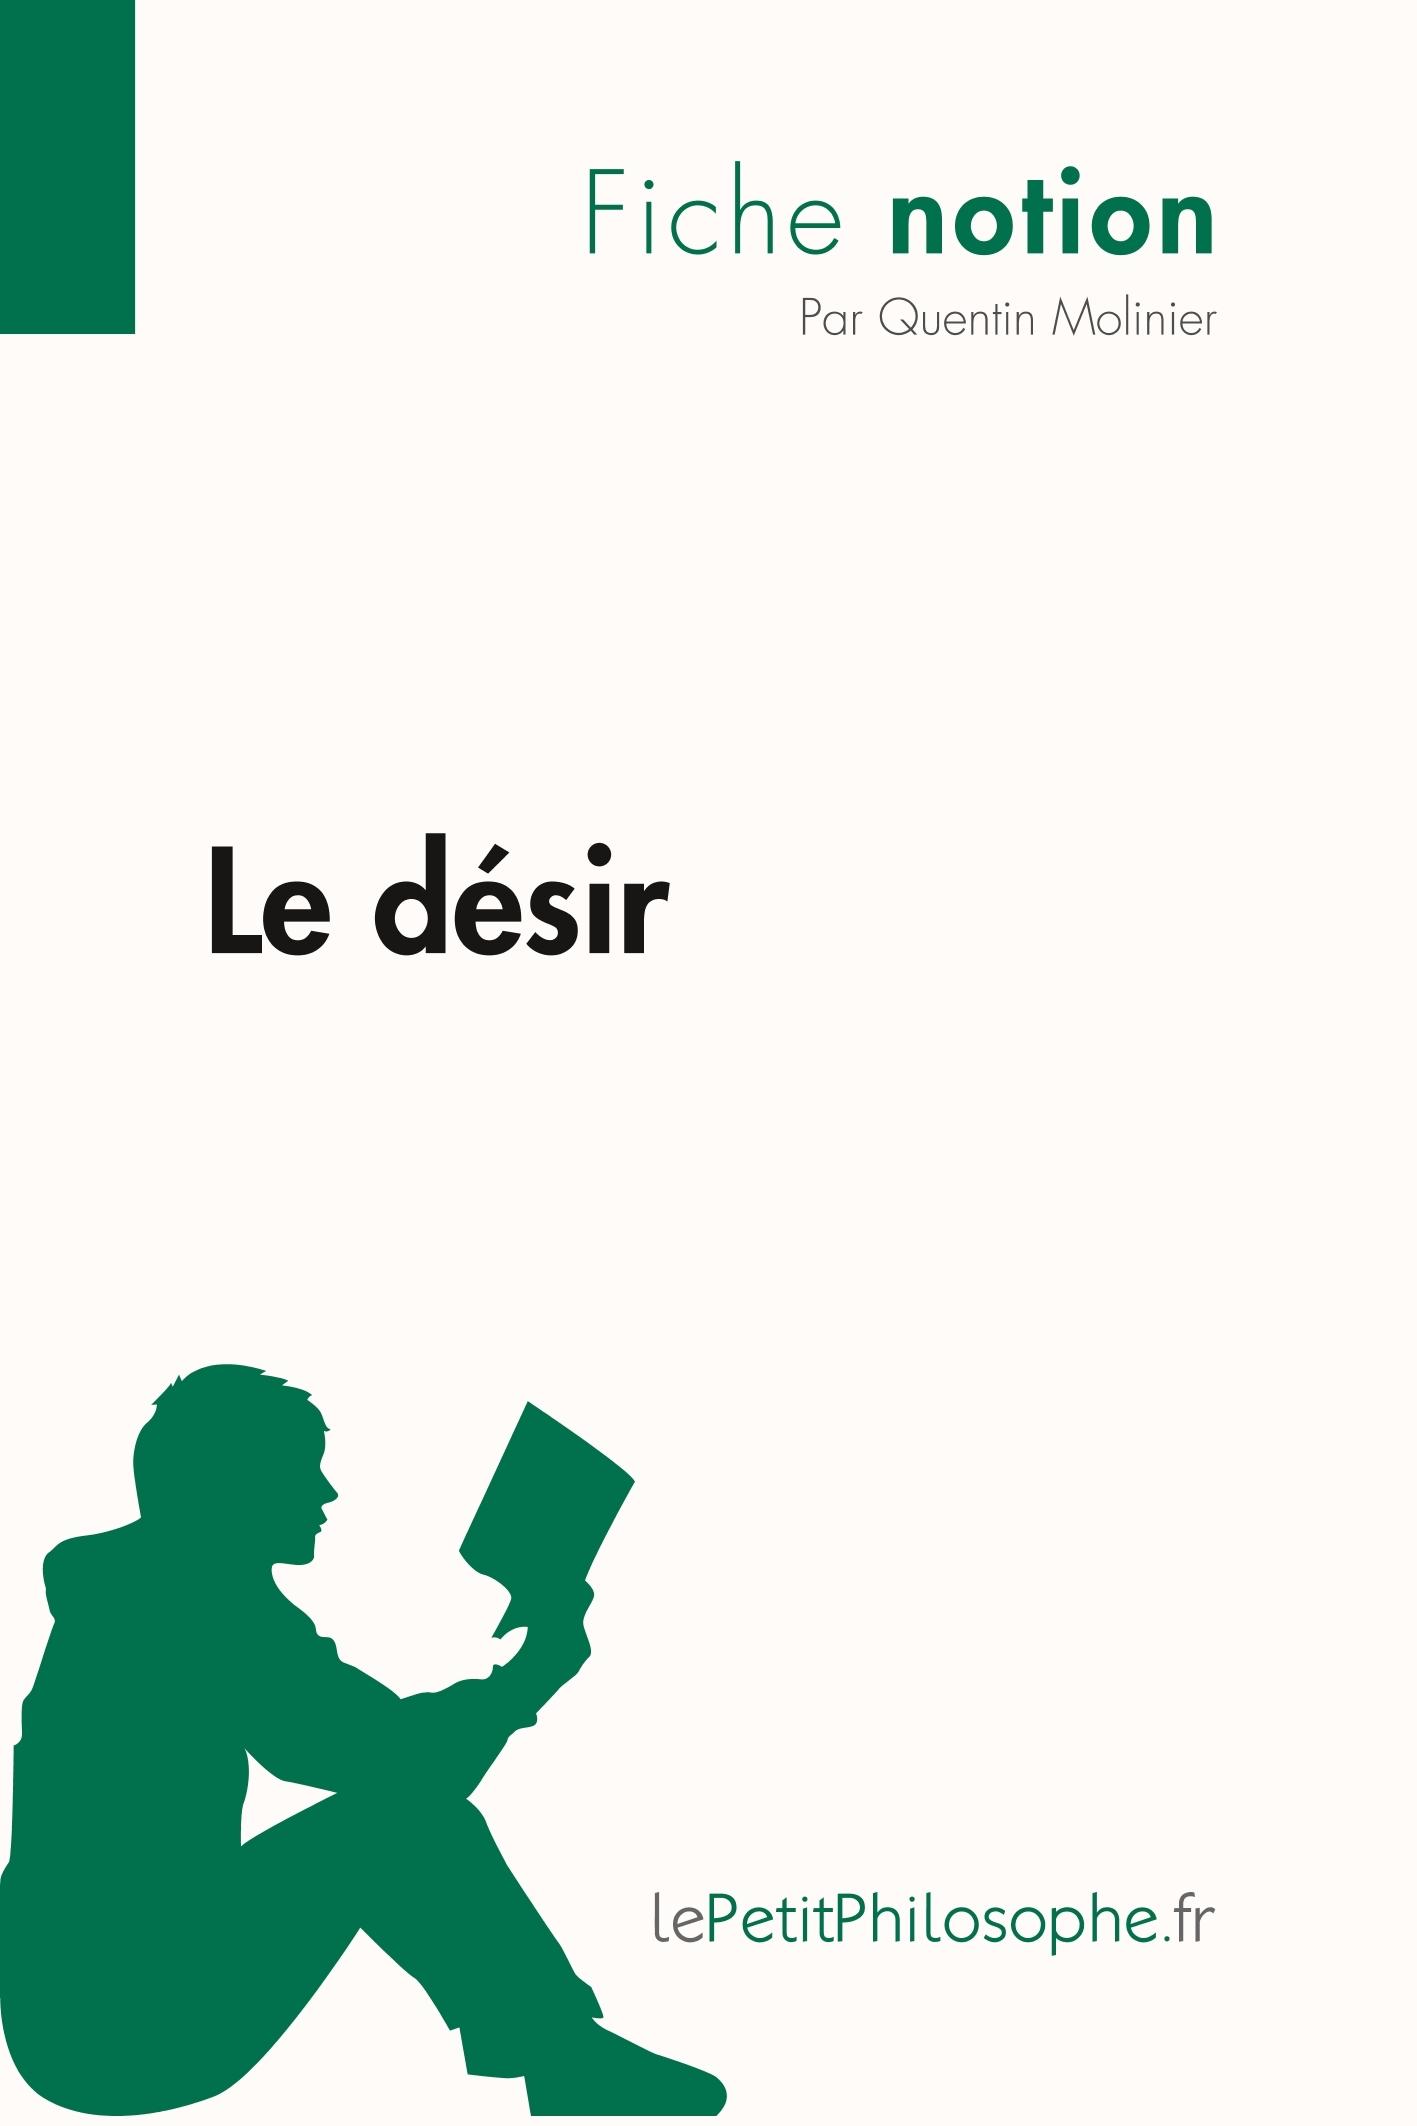 LE DESIR (FICHE NOTION)